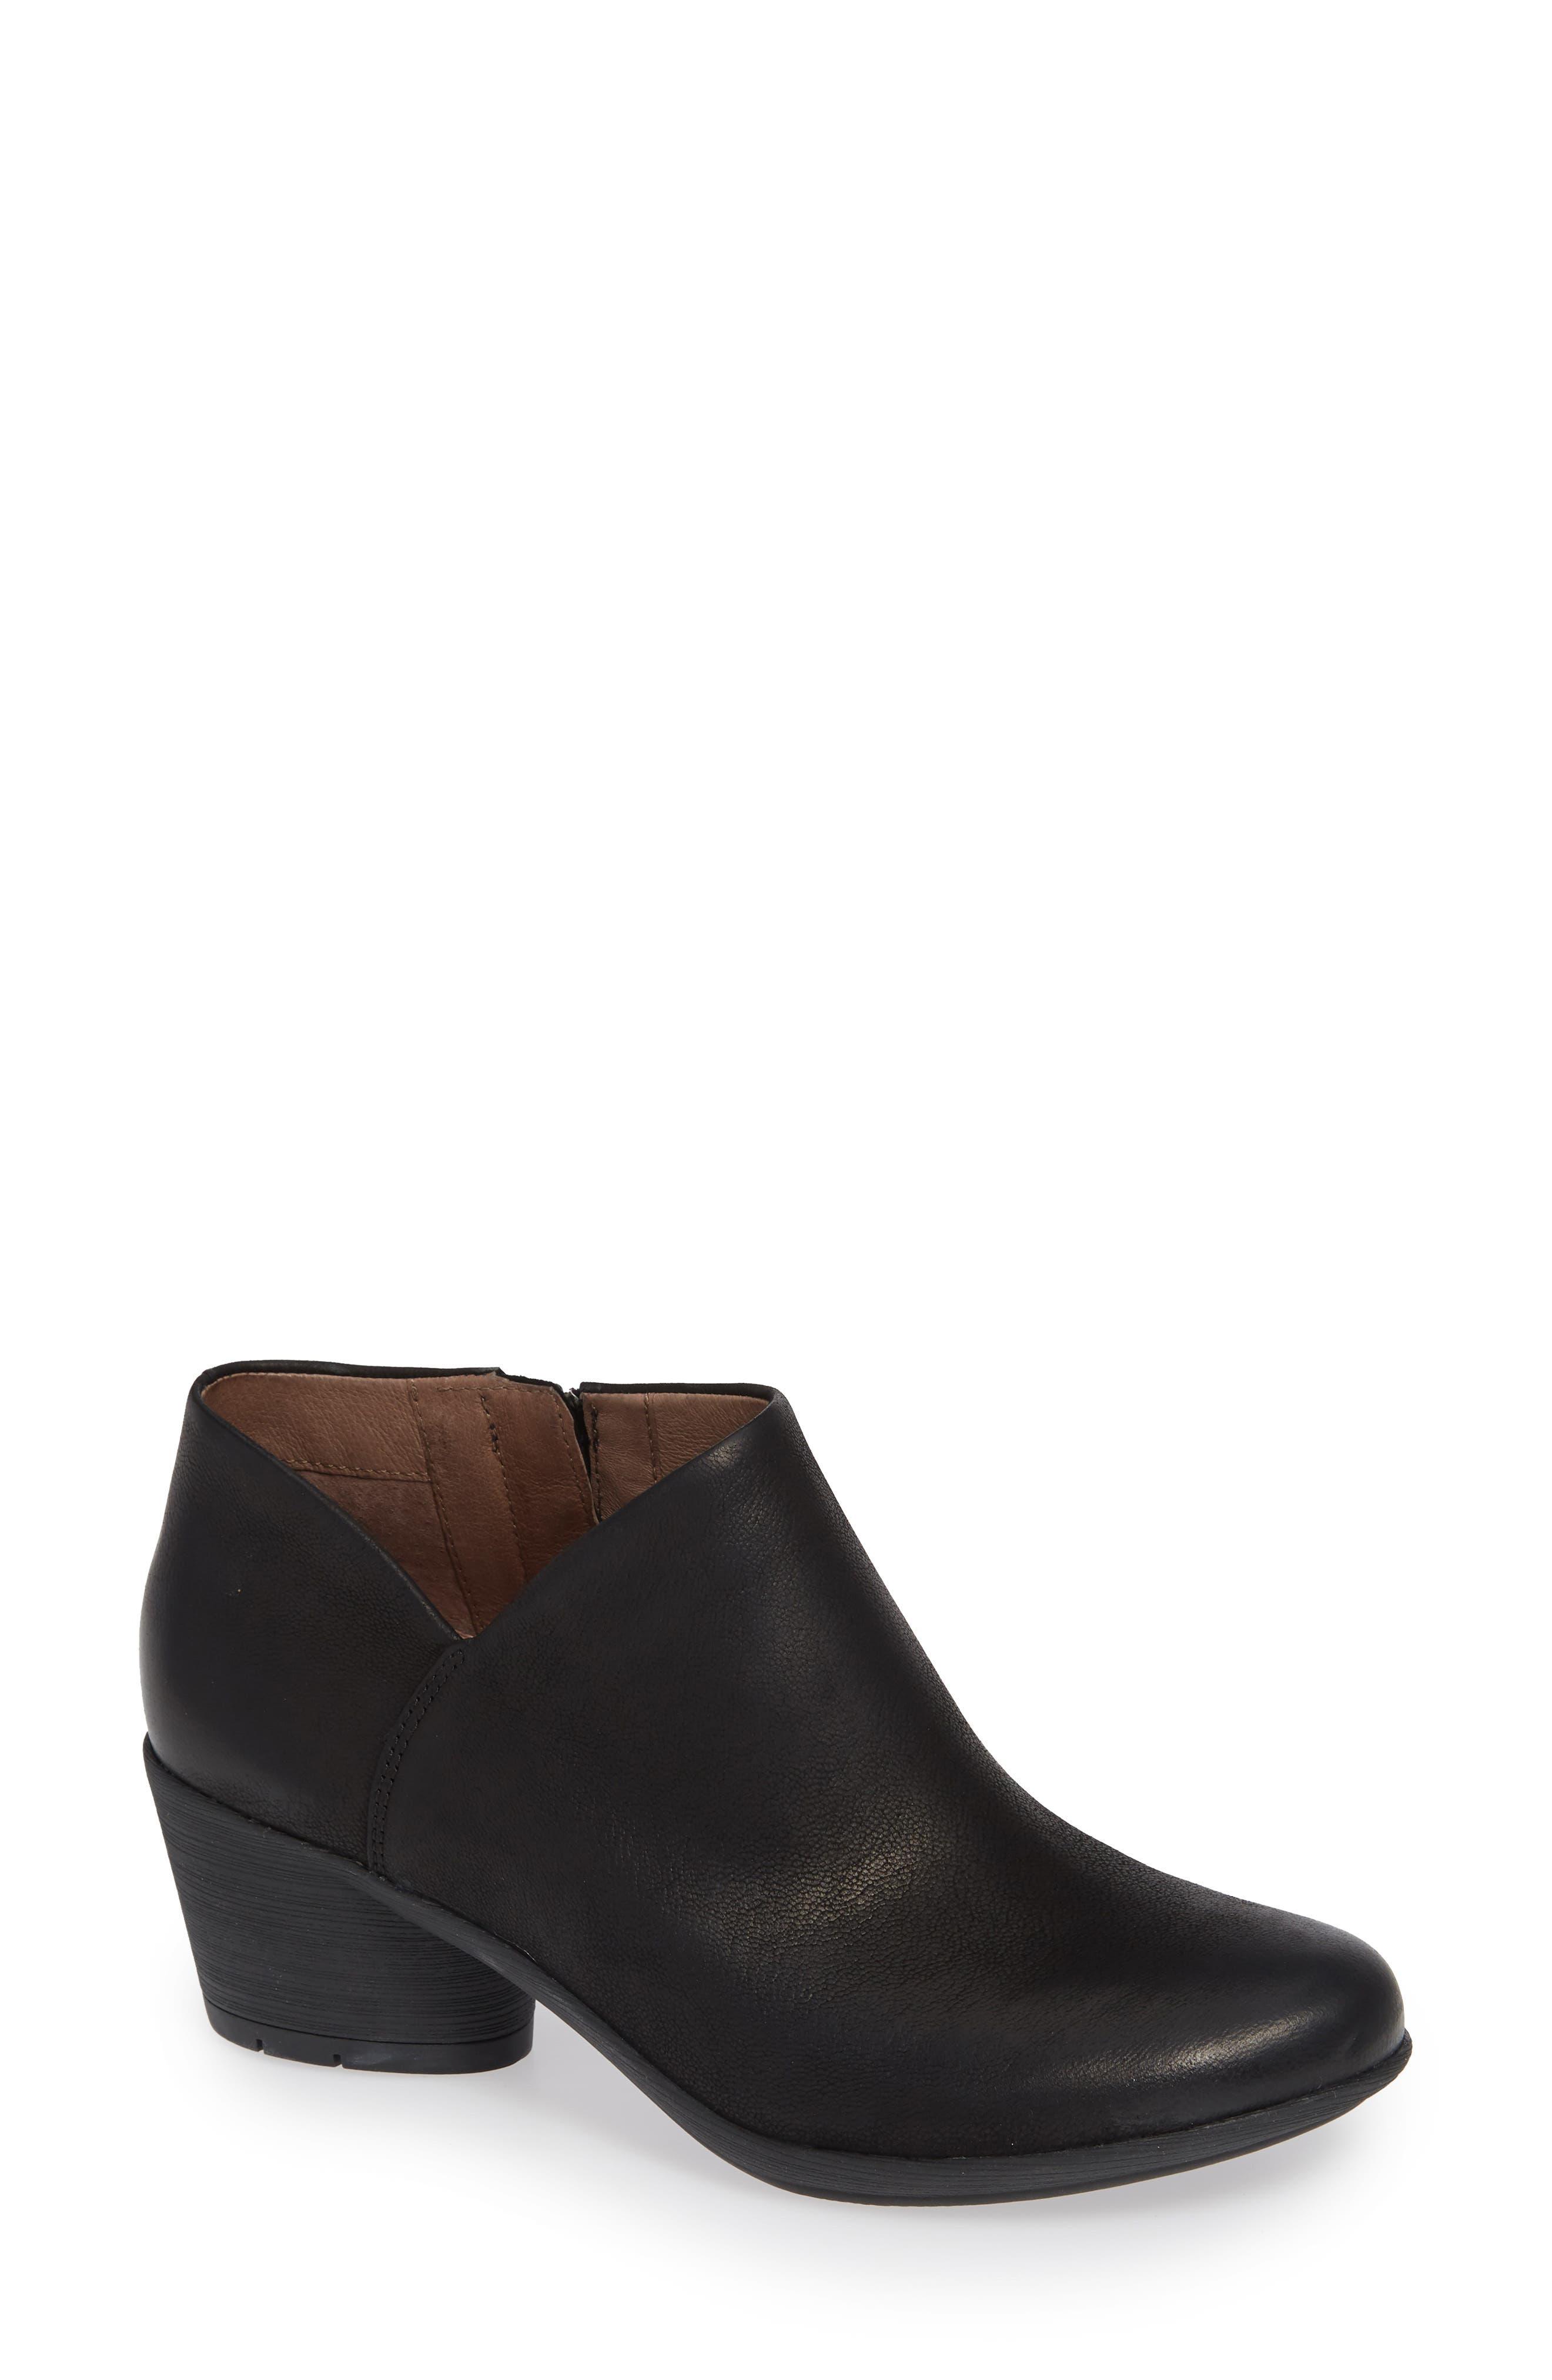 DANSKO Raina Boot, Main, color, BLACK NUBUCK